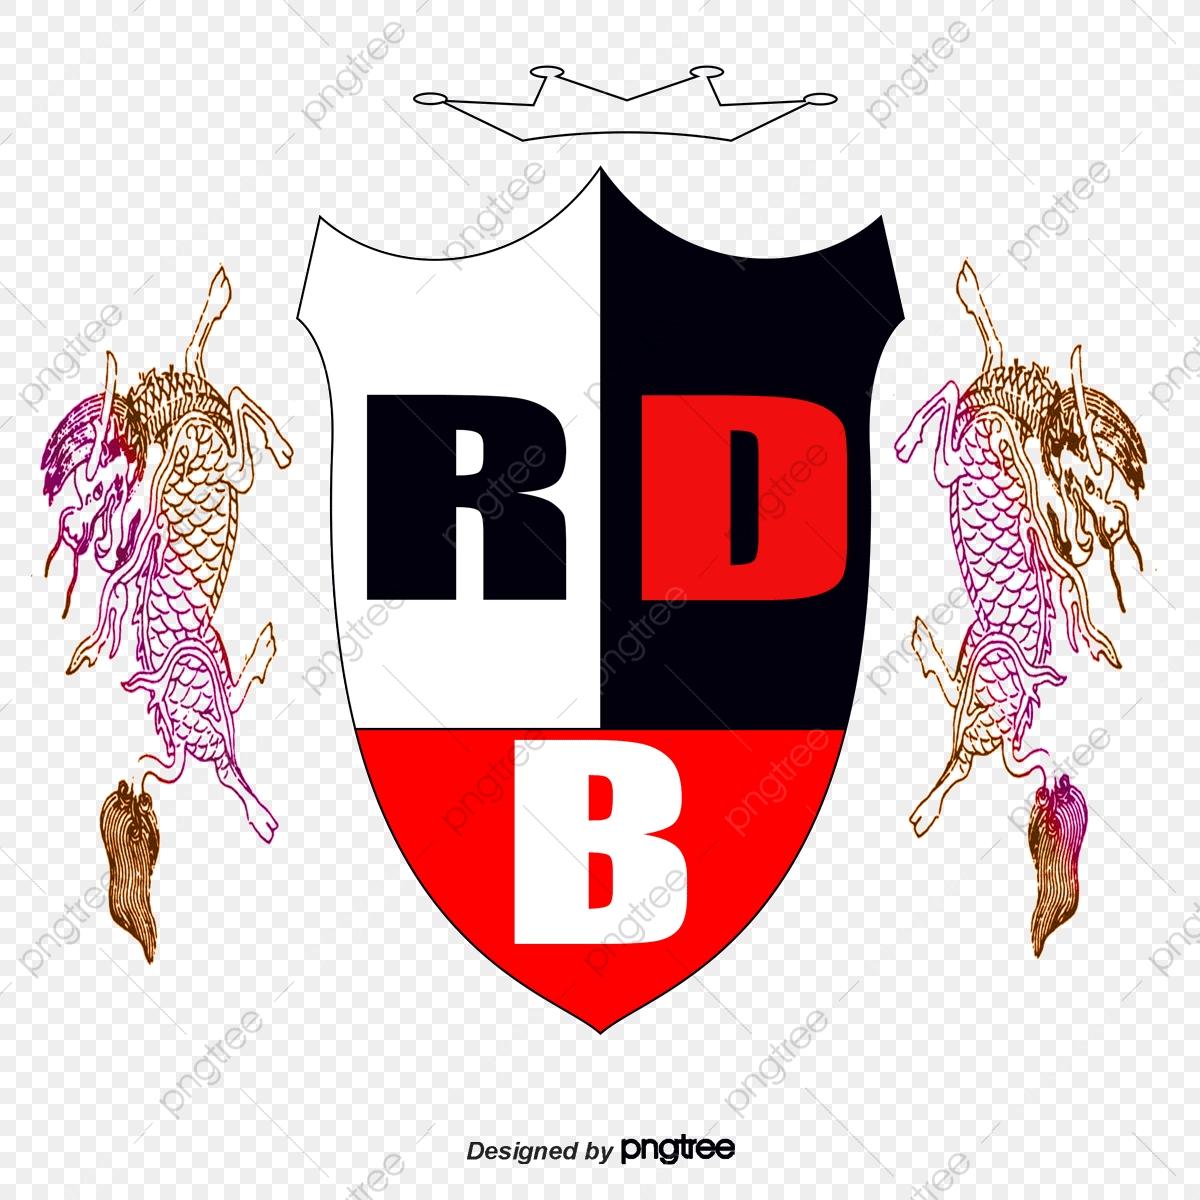 Rbd Vector Logo Design, Logo Vector, Black Animal.